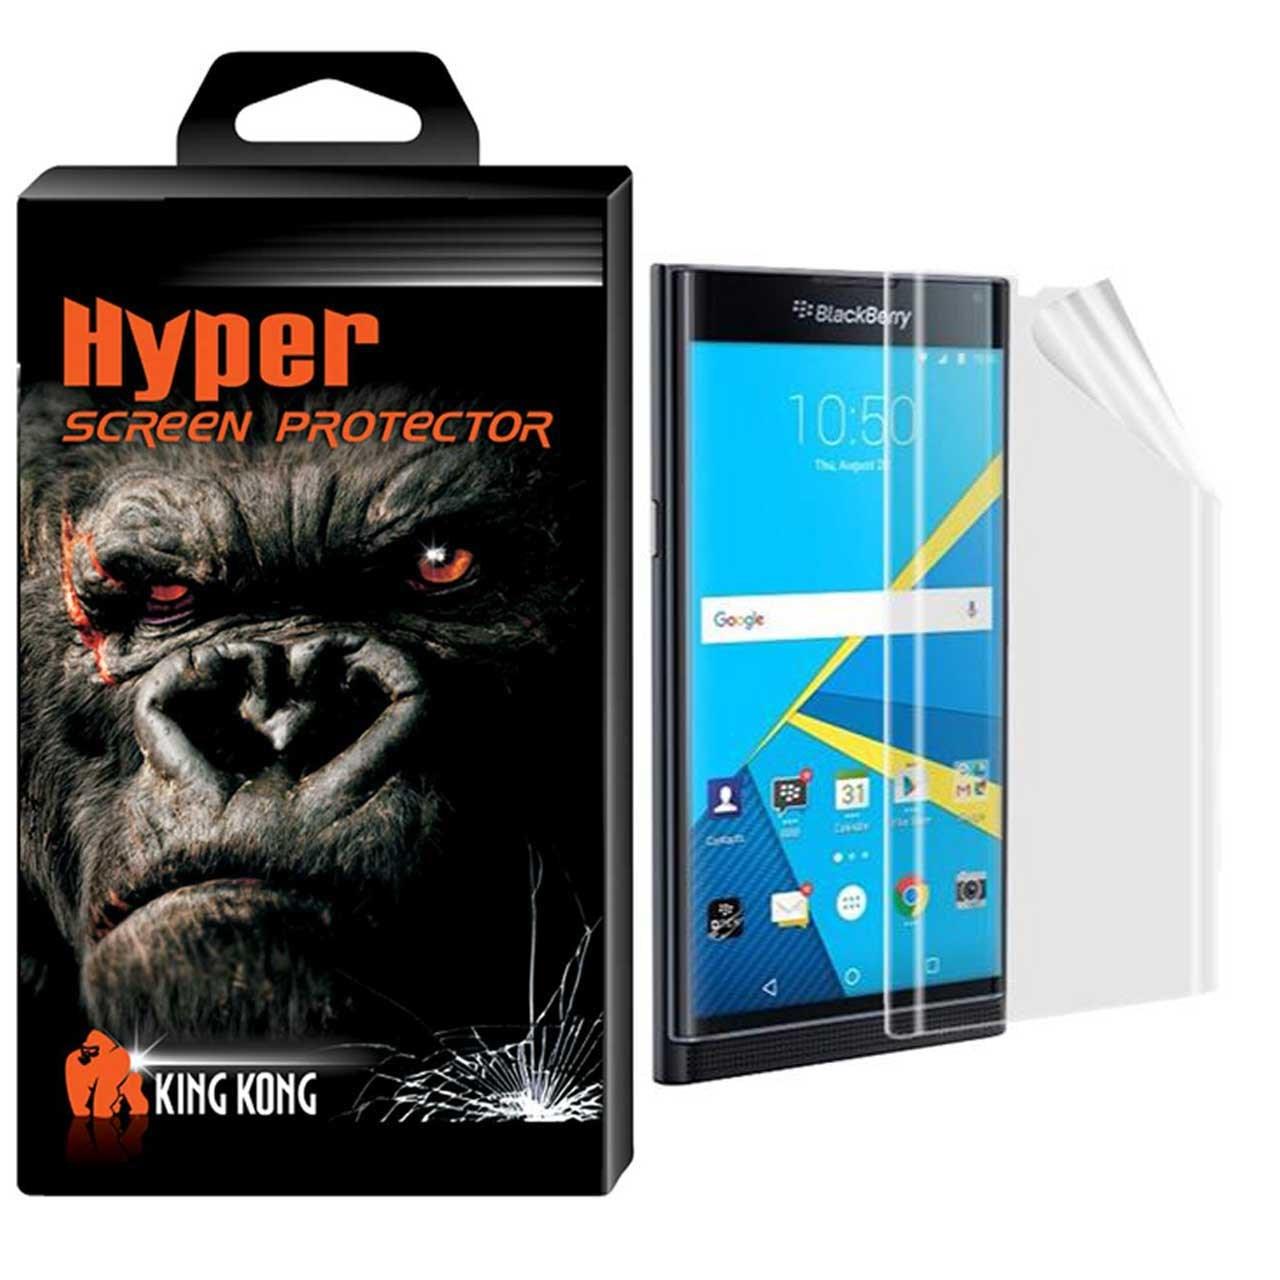 محافظ صفحه نمایش  نانو فلکسبل   کینگ کونگ مدل  Hyper Fullcover   مناسب برای گوشی بلک بری Priv